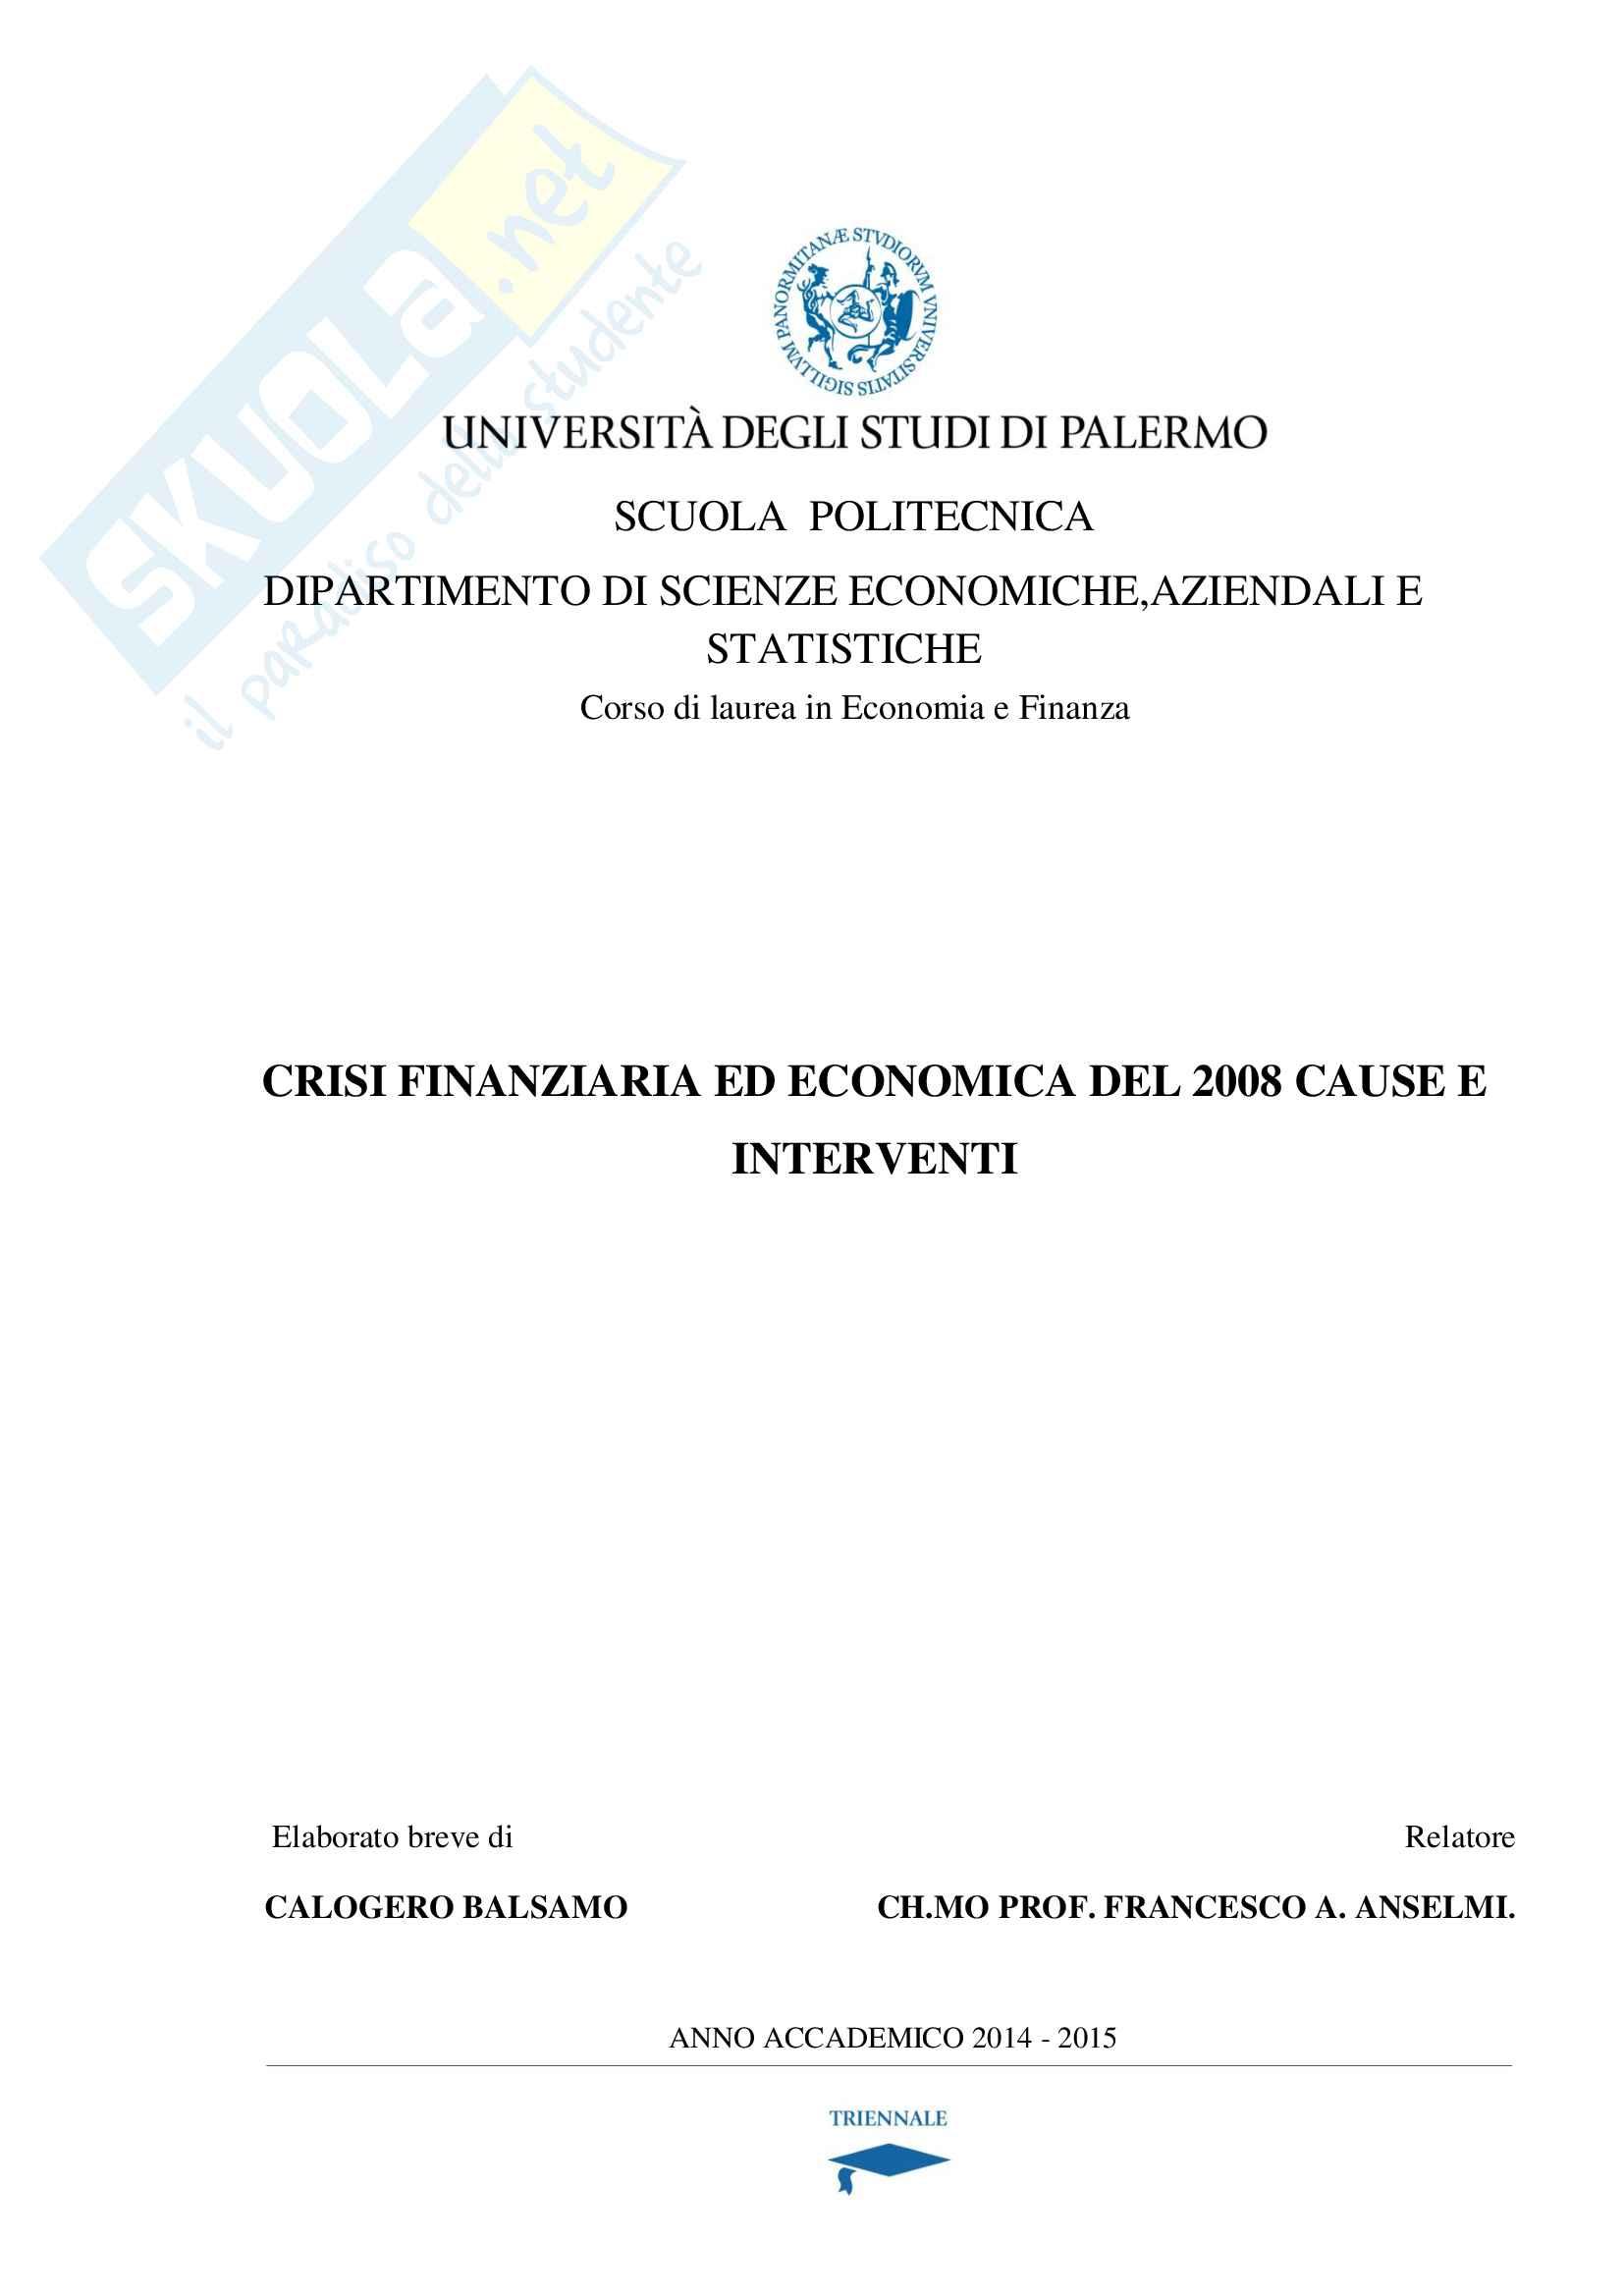 Crisi finanziaria ed economica del 2008, cause ed interventi